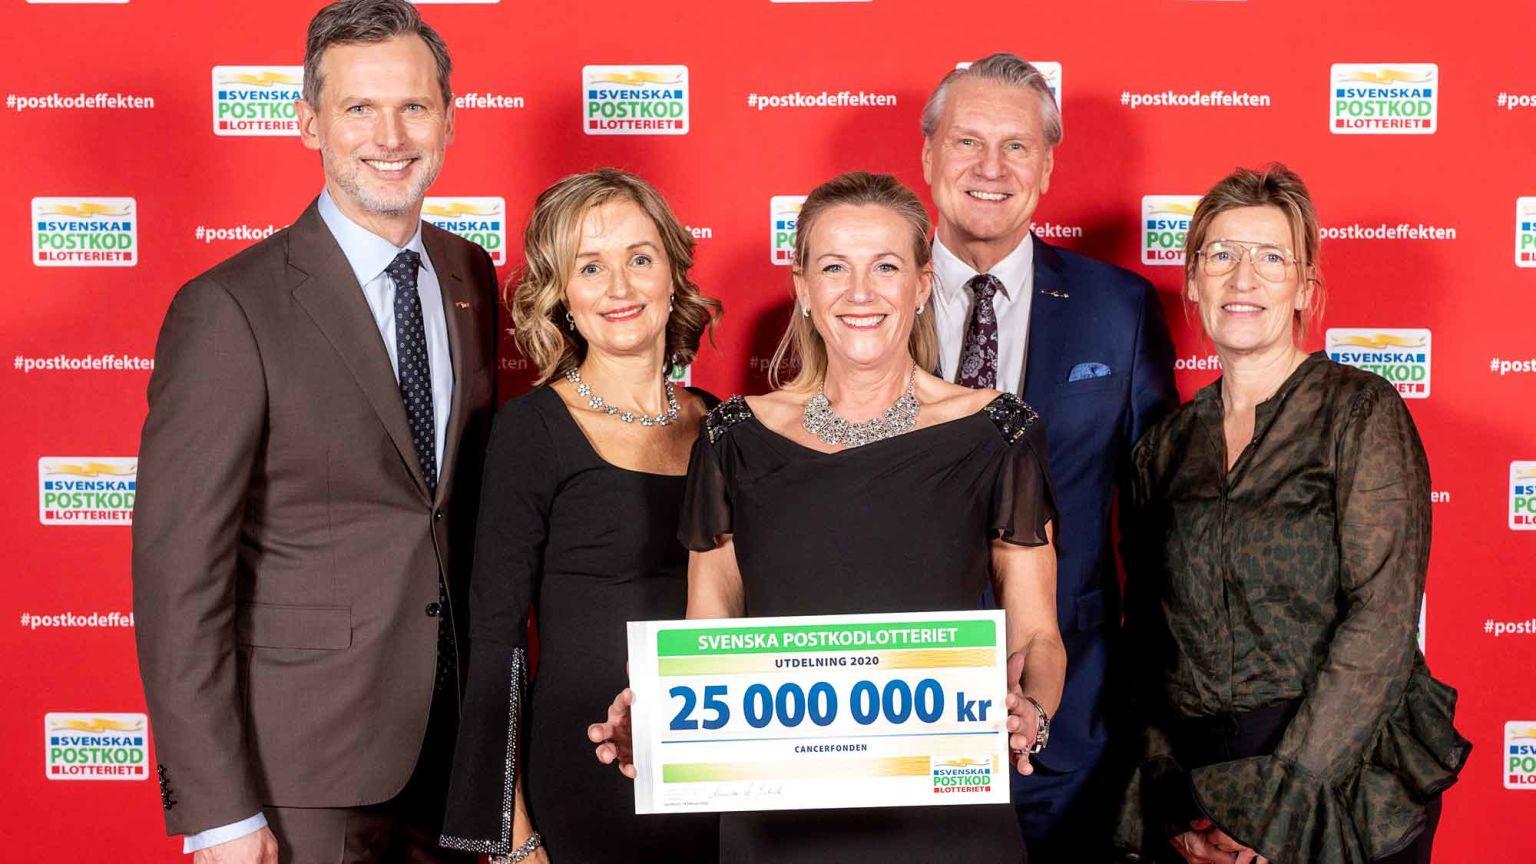 Medarbetare från Postkodlotteriet och Cancerfonden firar utdelning av medel från lottförsäljningen.